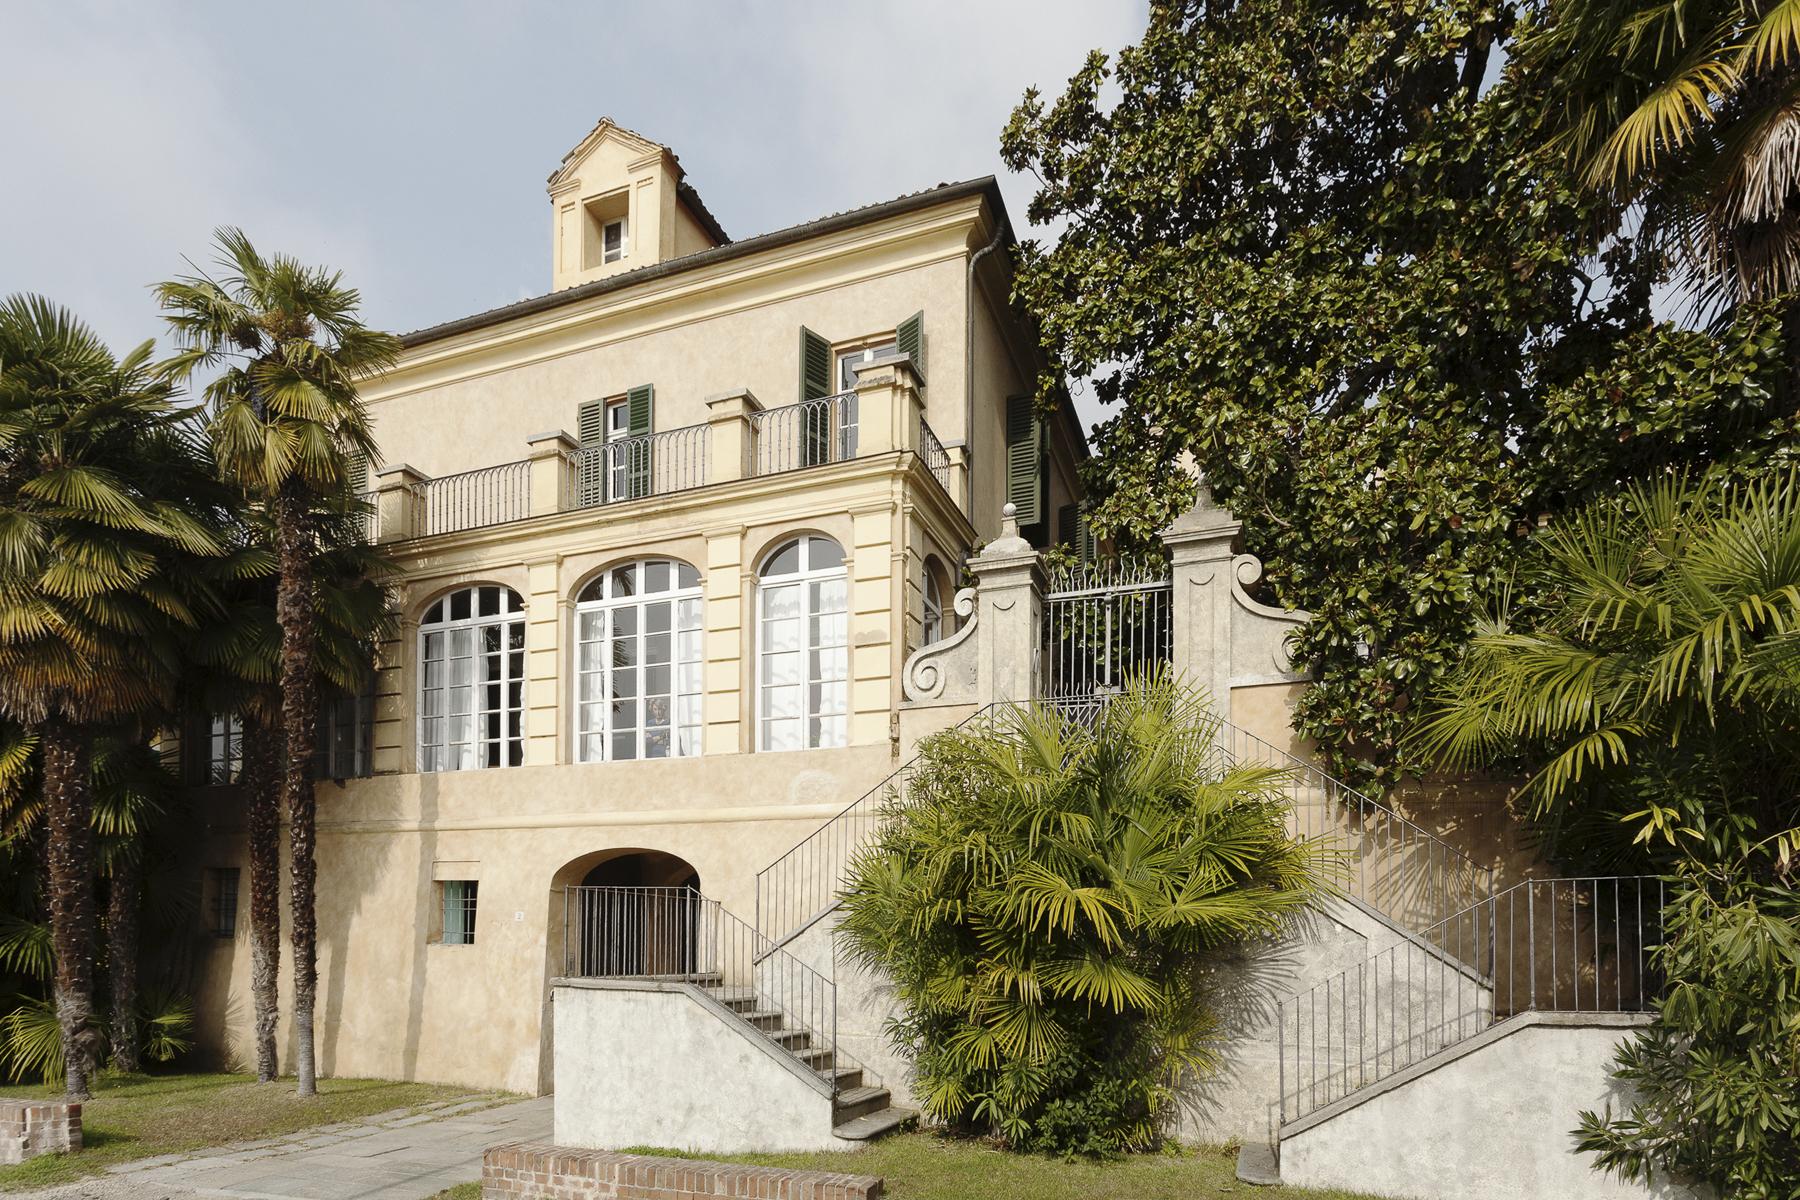 Maison unifamiliale pour l Vente à A fascinating XVII century Villa in Revigliasco Hill Strada Moncalieri Revigliasco, Turin 10024 Italie